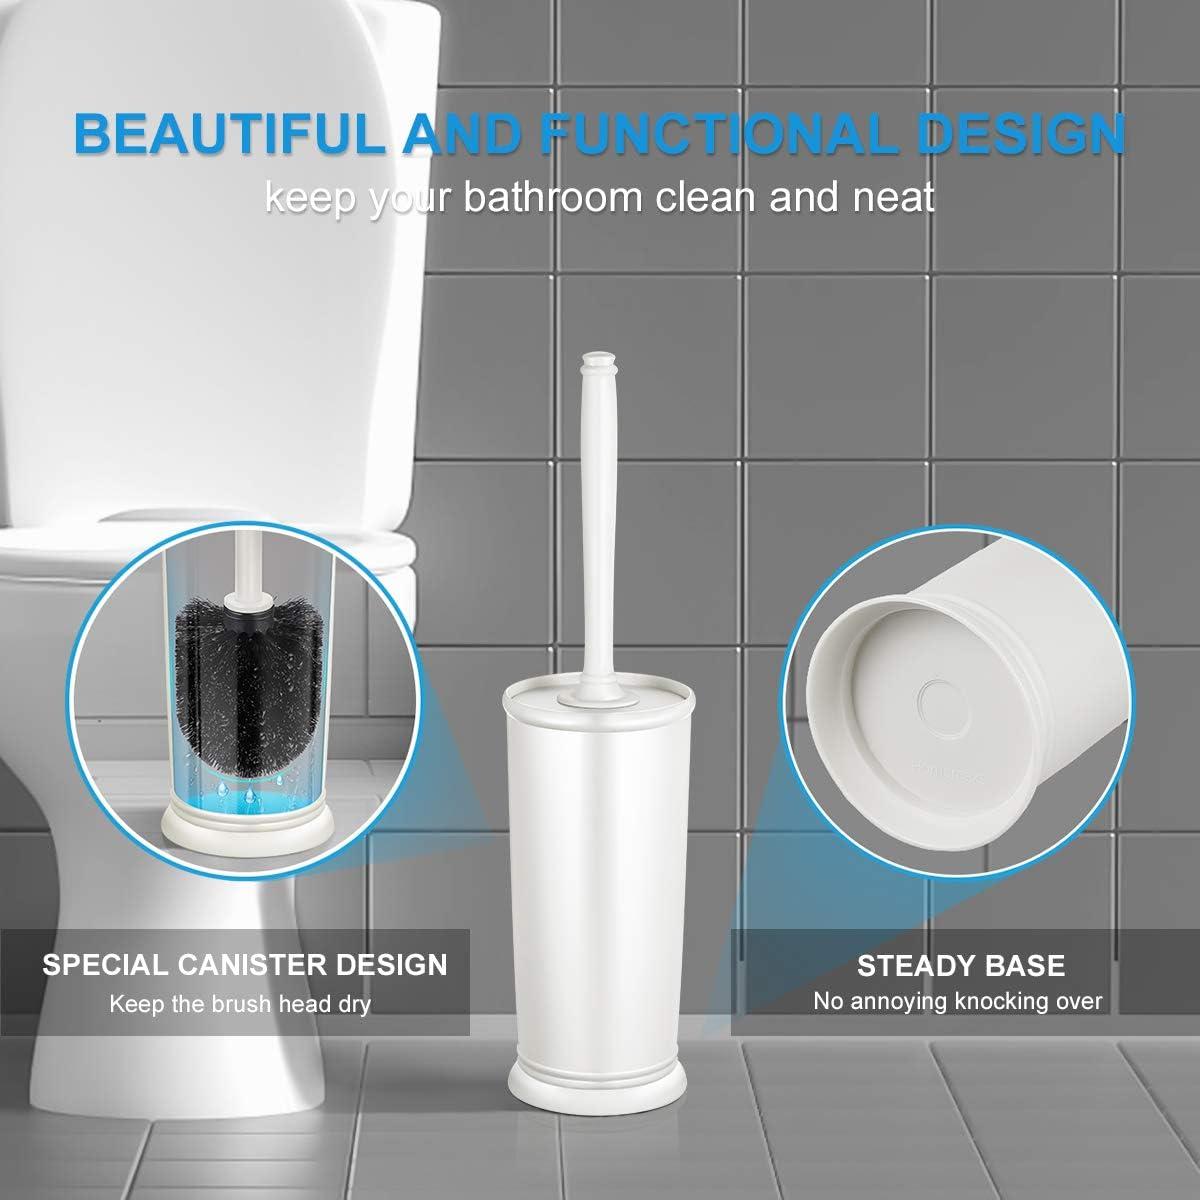 Toilet Bowl Brush and Holder for Bathroom, Deep Cleaning Toilet Bowl Brush Set 2 Pack - White